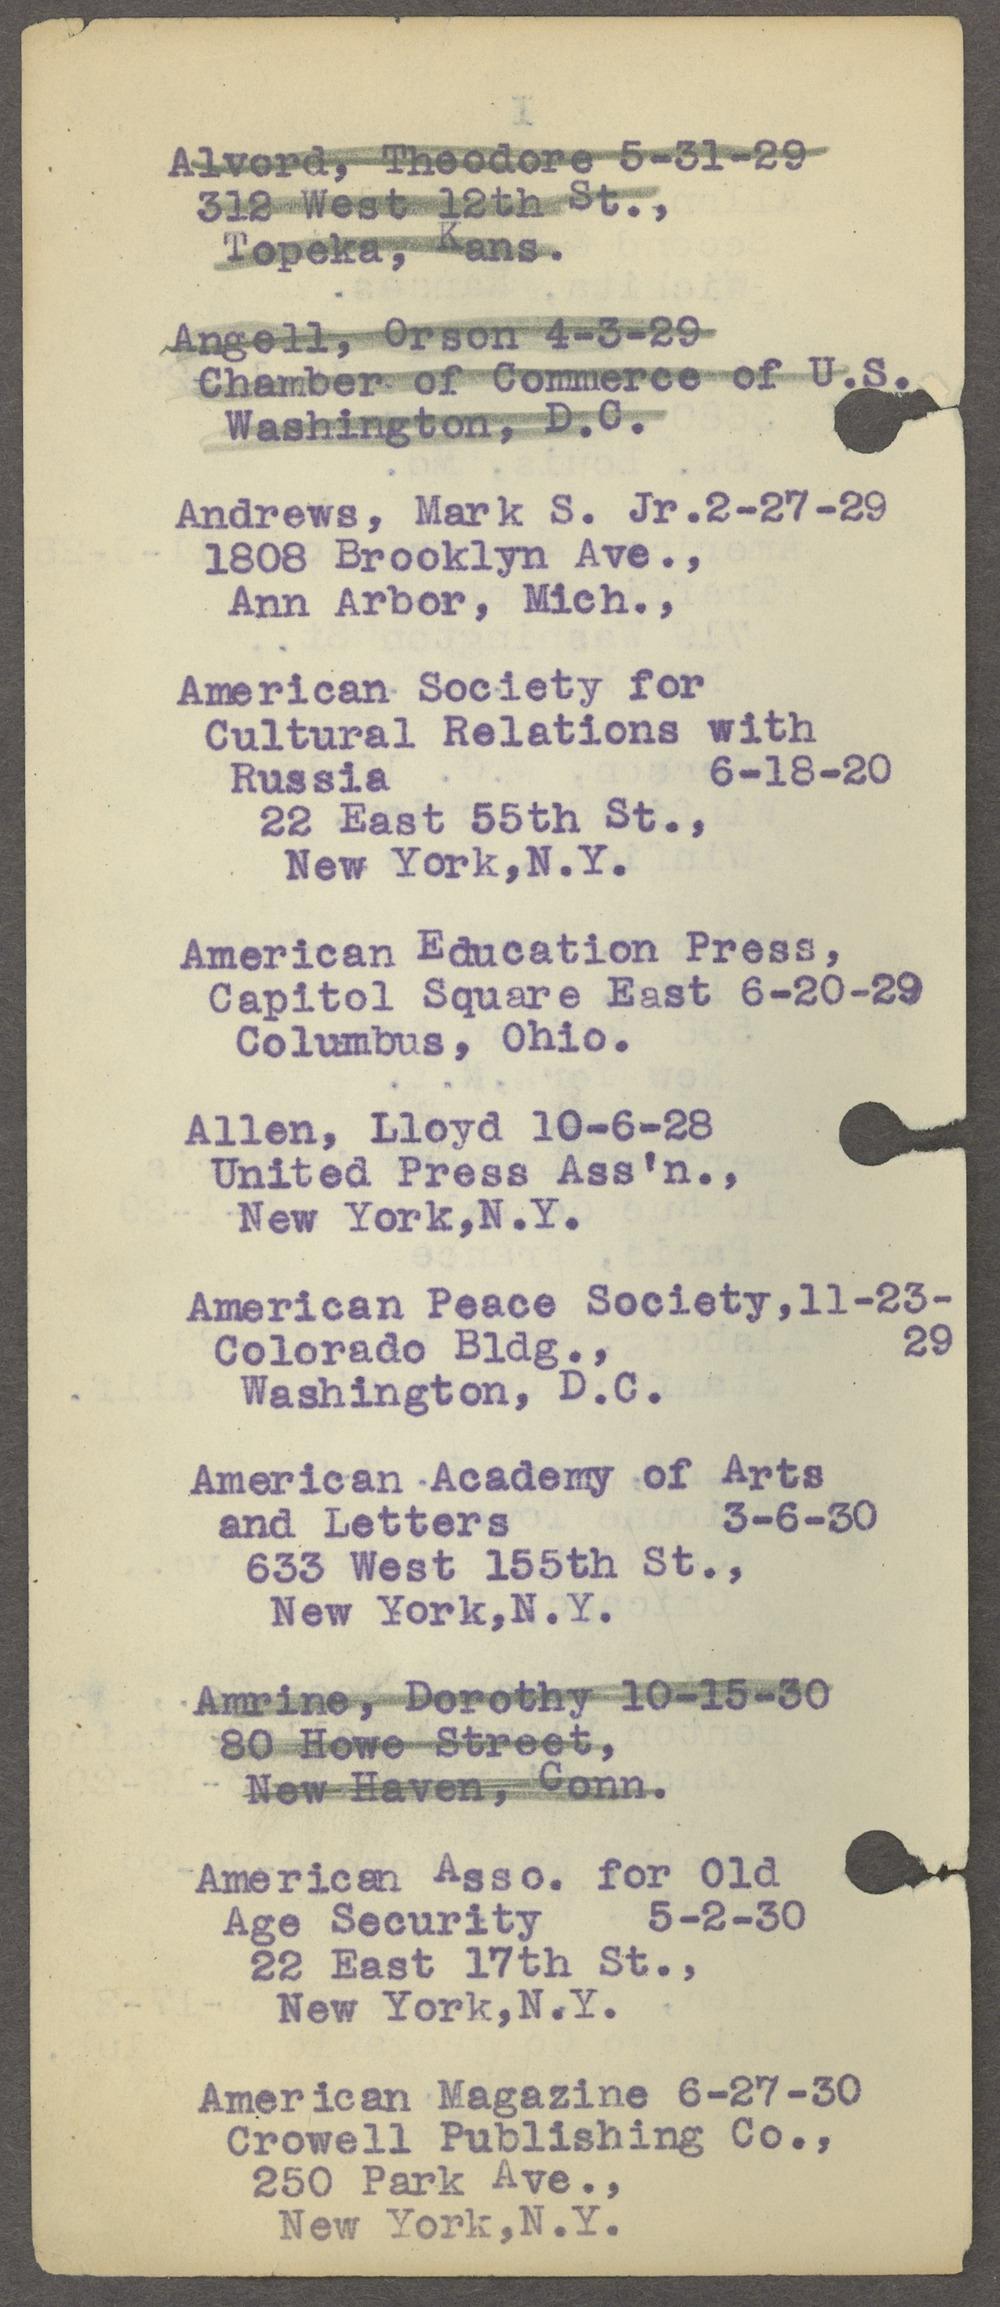 William Allen White address book - Page 7